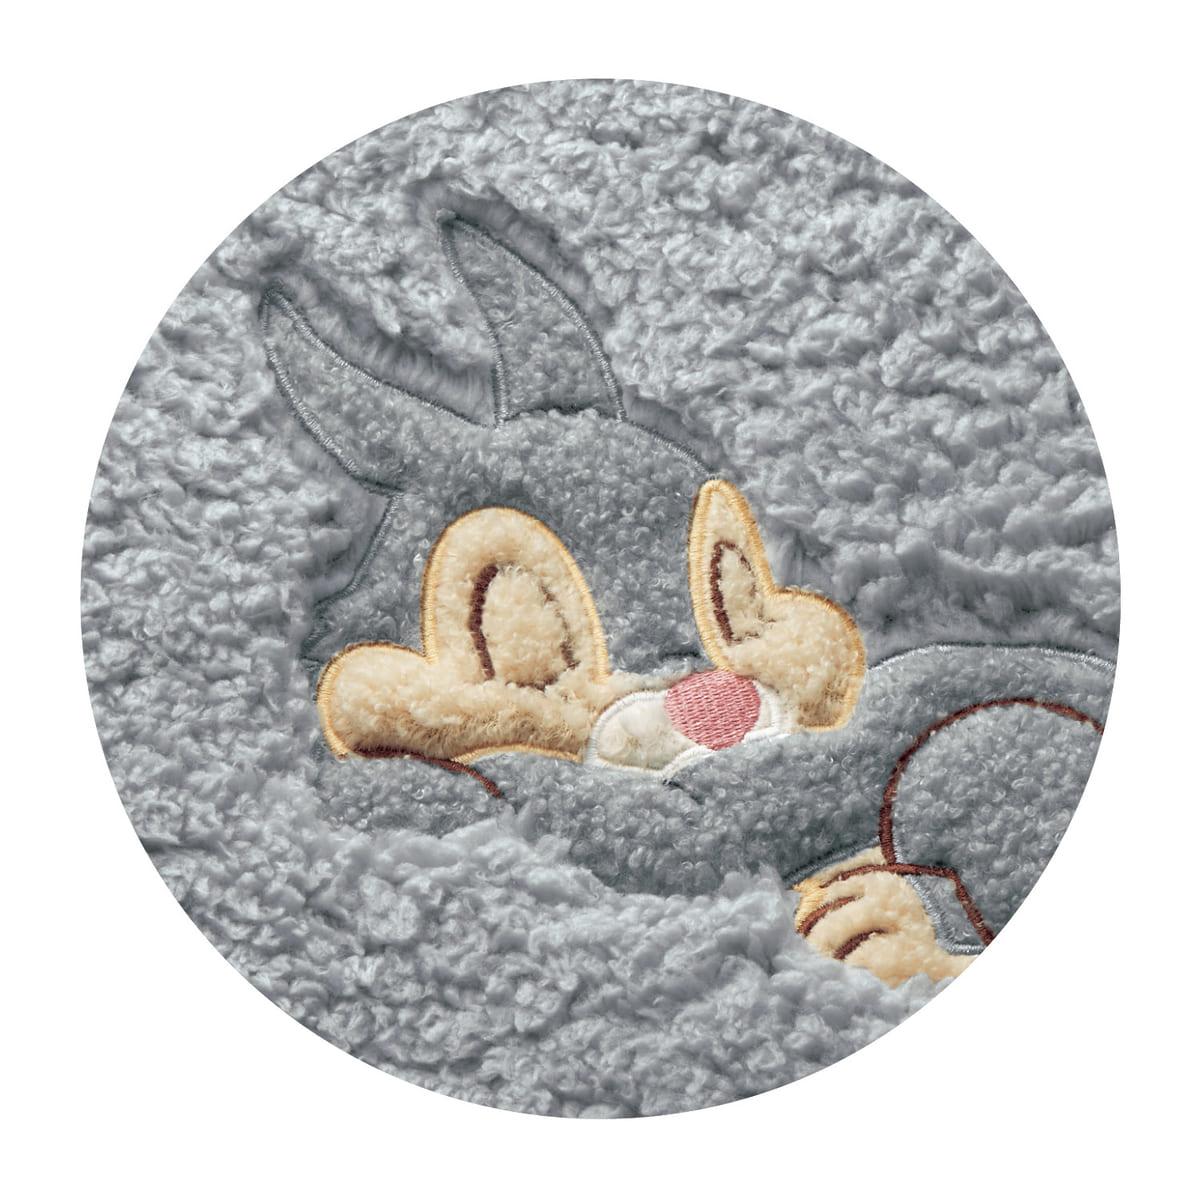 アップリケ付きもふもふ毛布 とんすけ デザインアップ